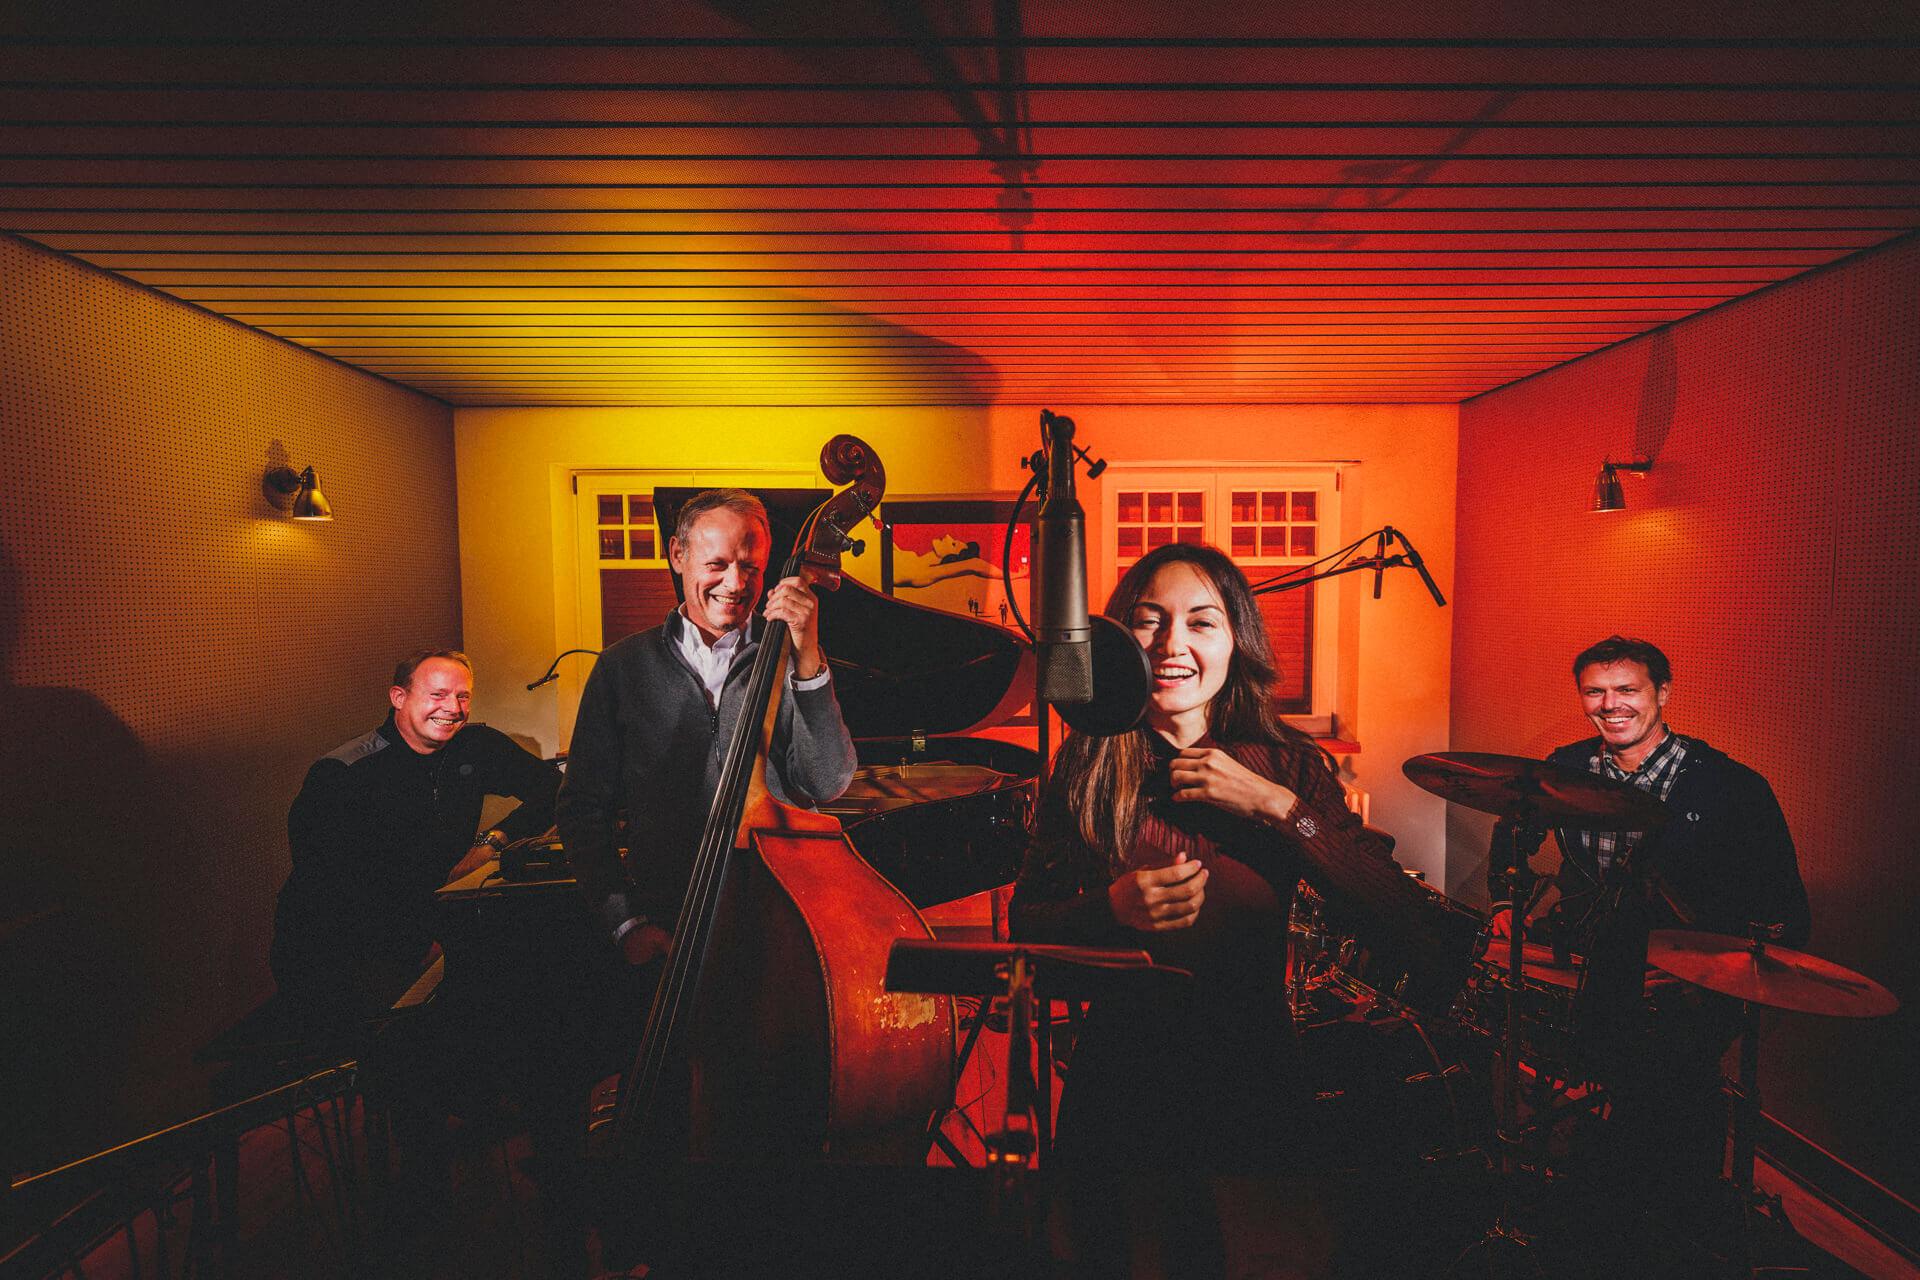 """4 to the bar - jazzband aus egelsbach, frankfurt - kreative kuenstlerportraits und businessfotografie - corona-fotoprojekt """"alles auf stopp"""""""